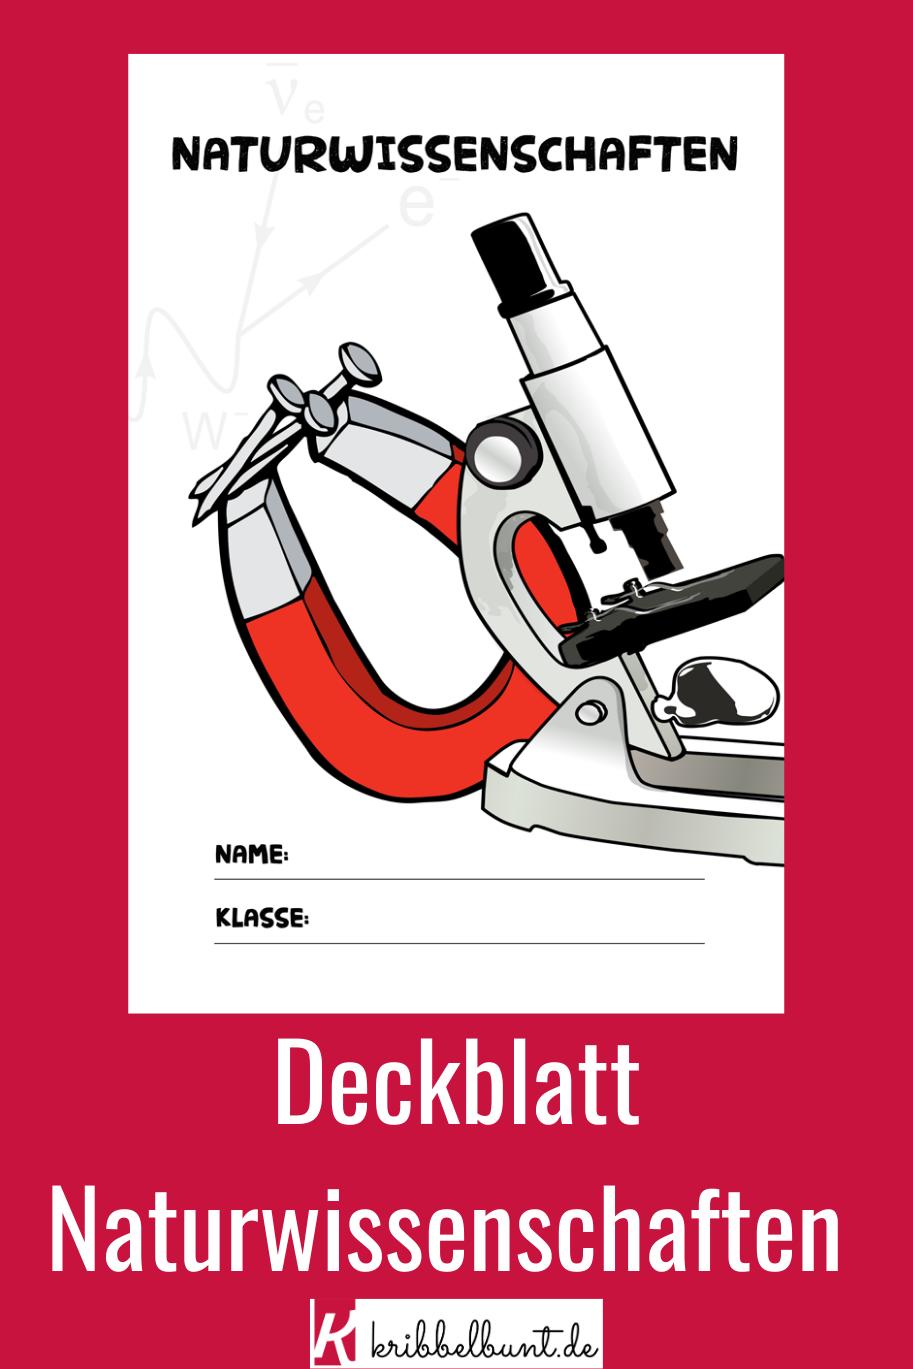 Naturwissenschaften Deckblatt Fur Die Schule Zum Ausdrucken In 2020 Naturwissenschaft Wissenschaft Deckblatt